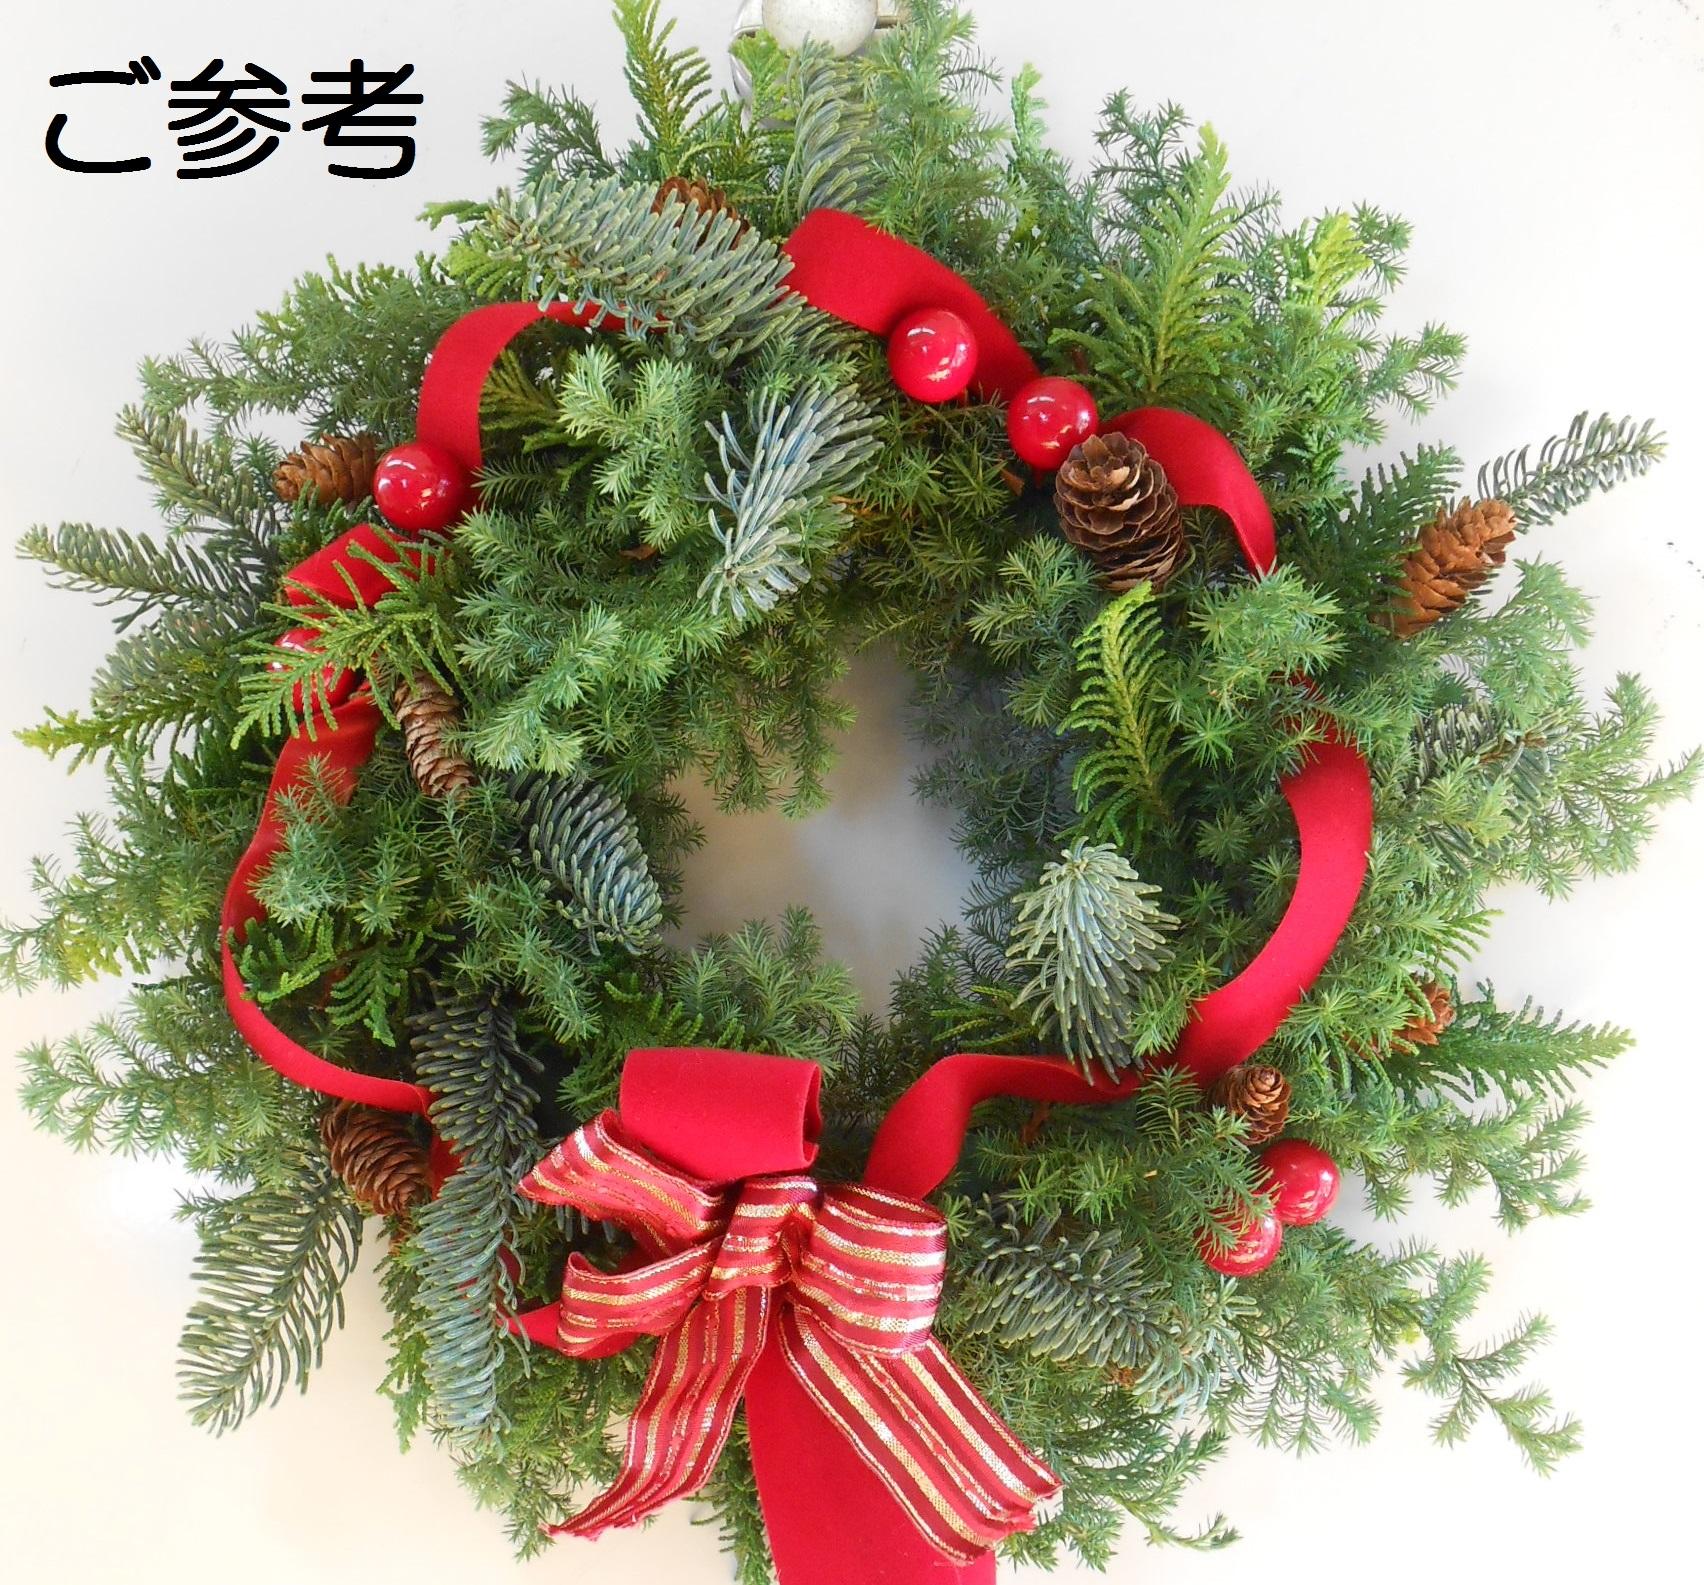 ◇クリスマスフラワーアレンジメント〈12/10〉